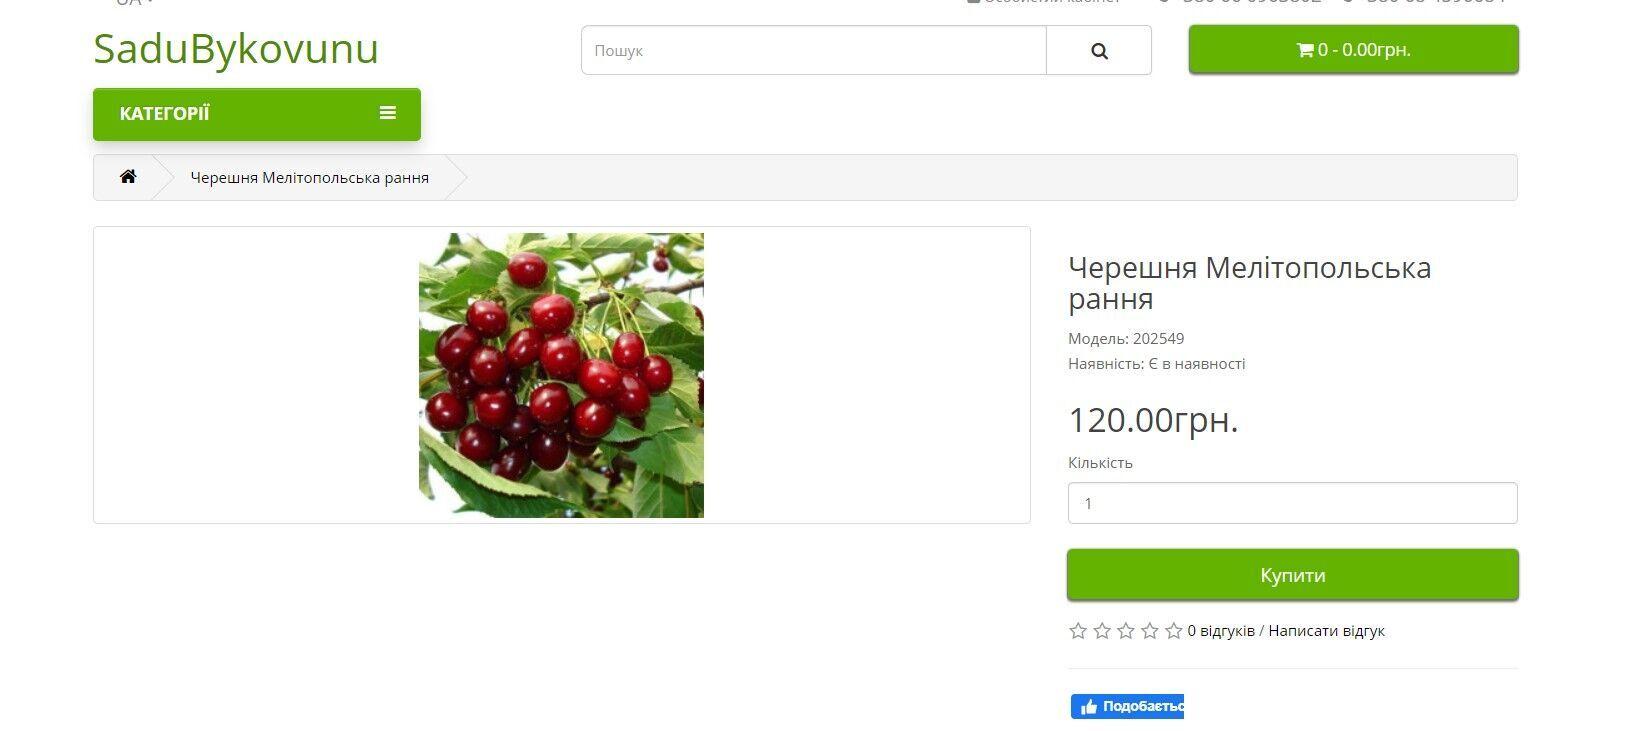 Сколько стоит черешня